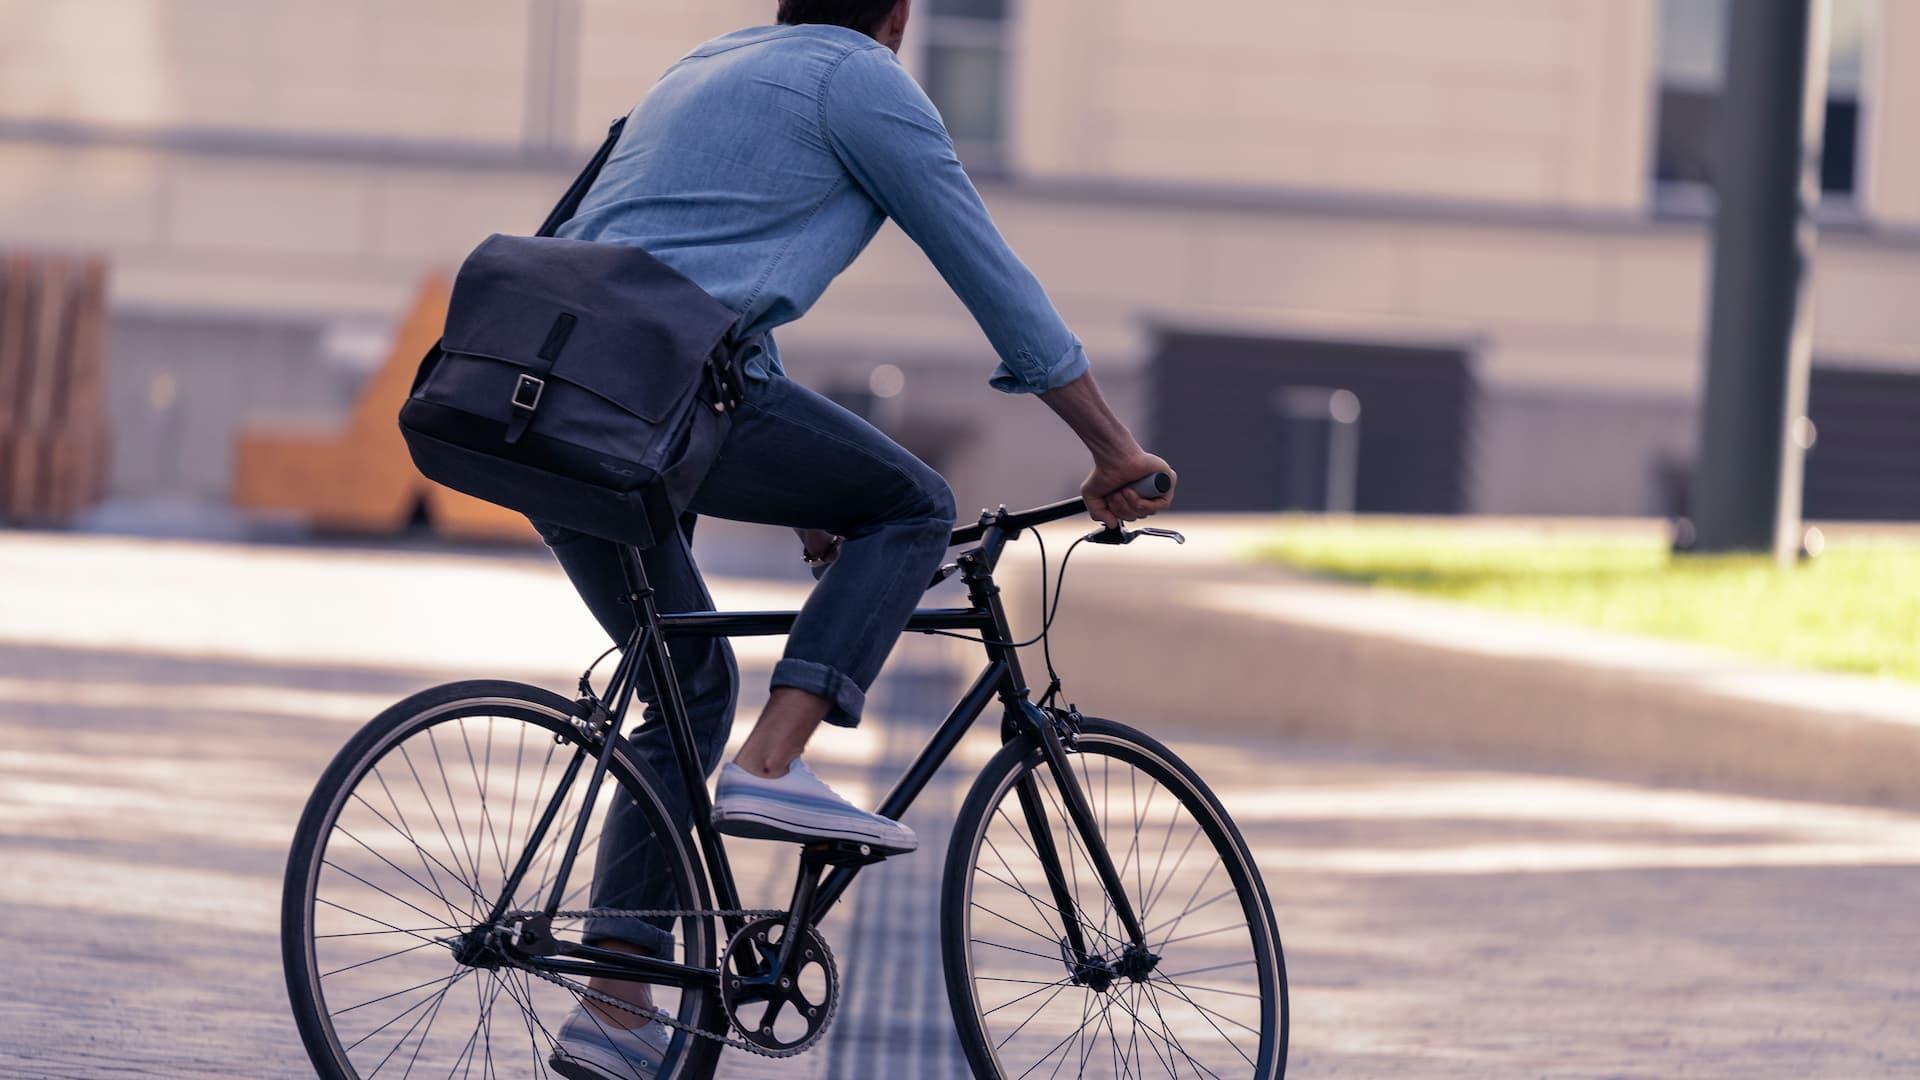 Jednorzędowy łańcuch rowerowy w rowerze miejskim